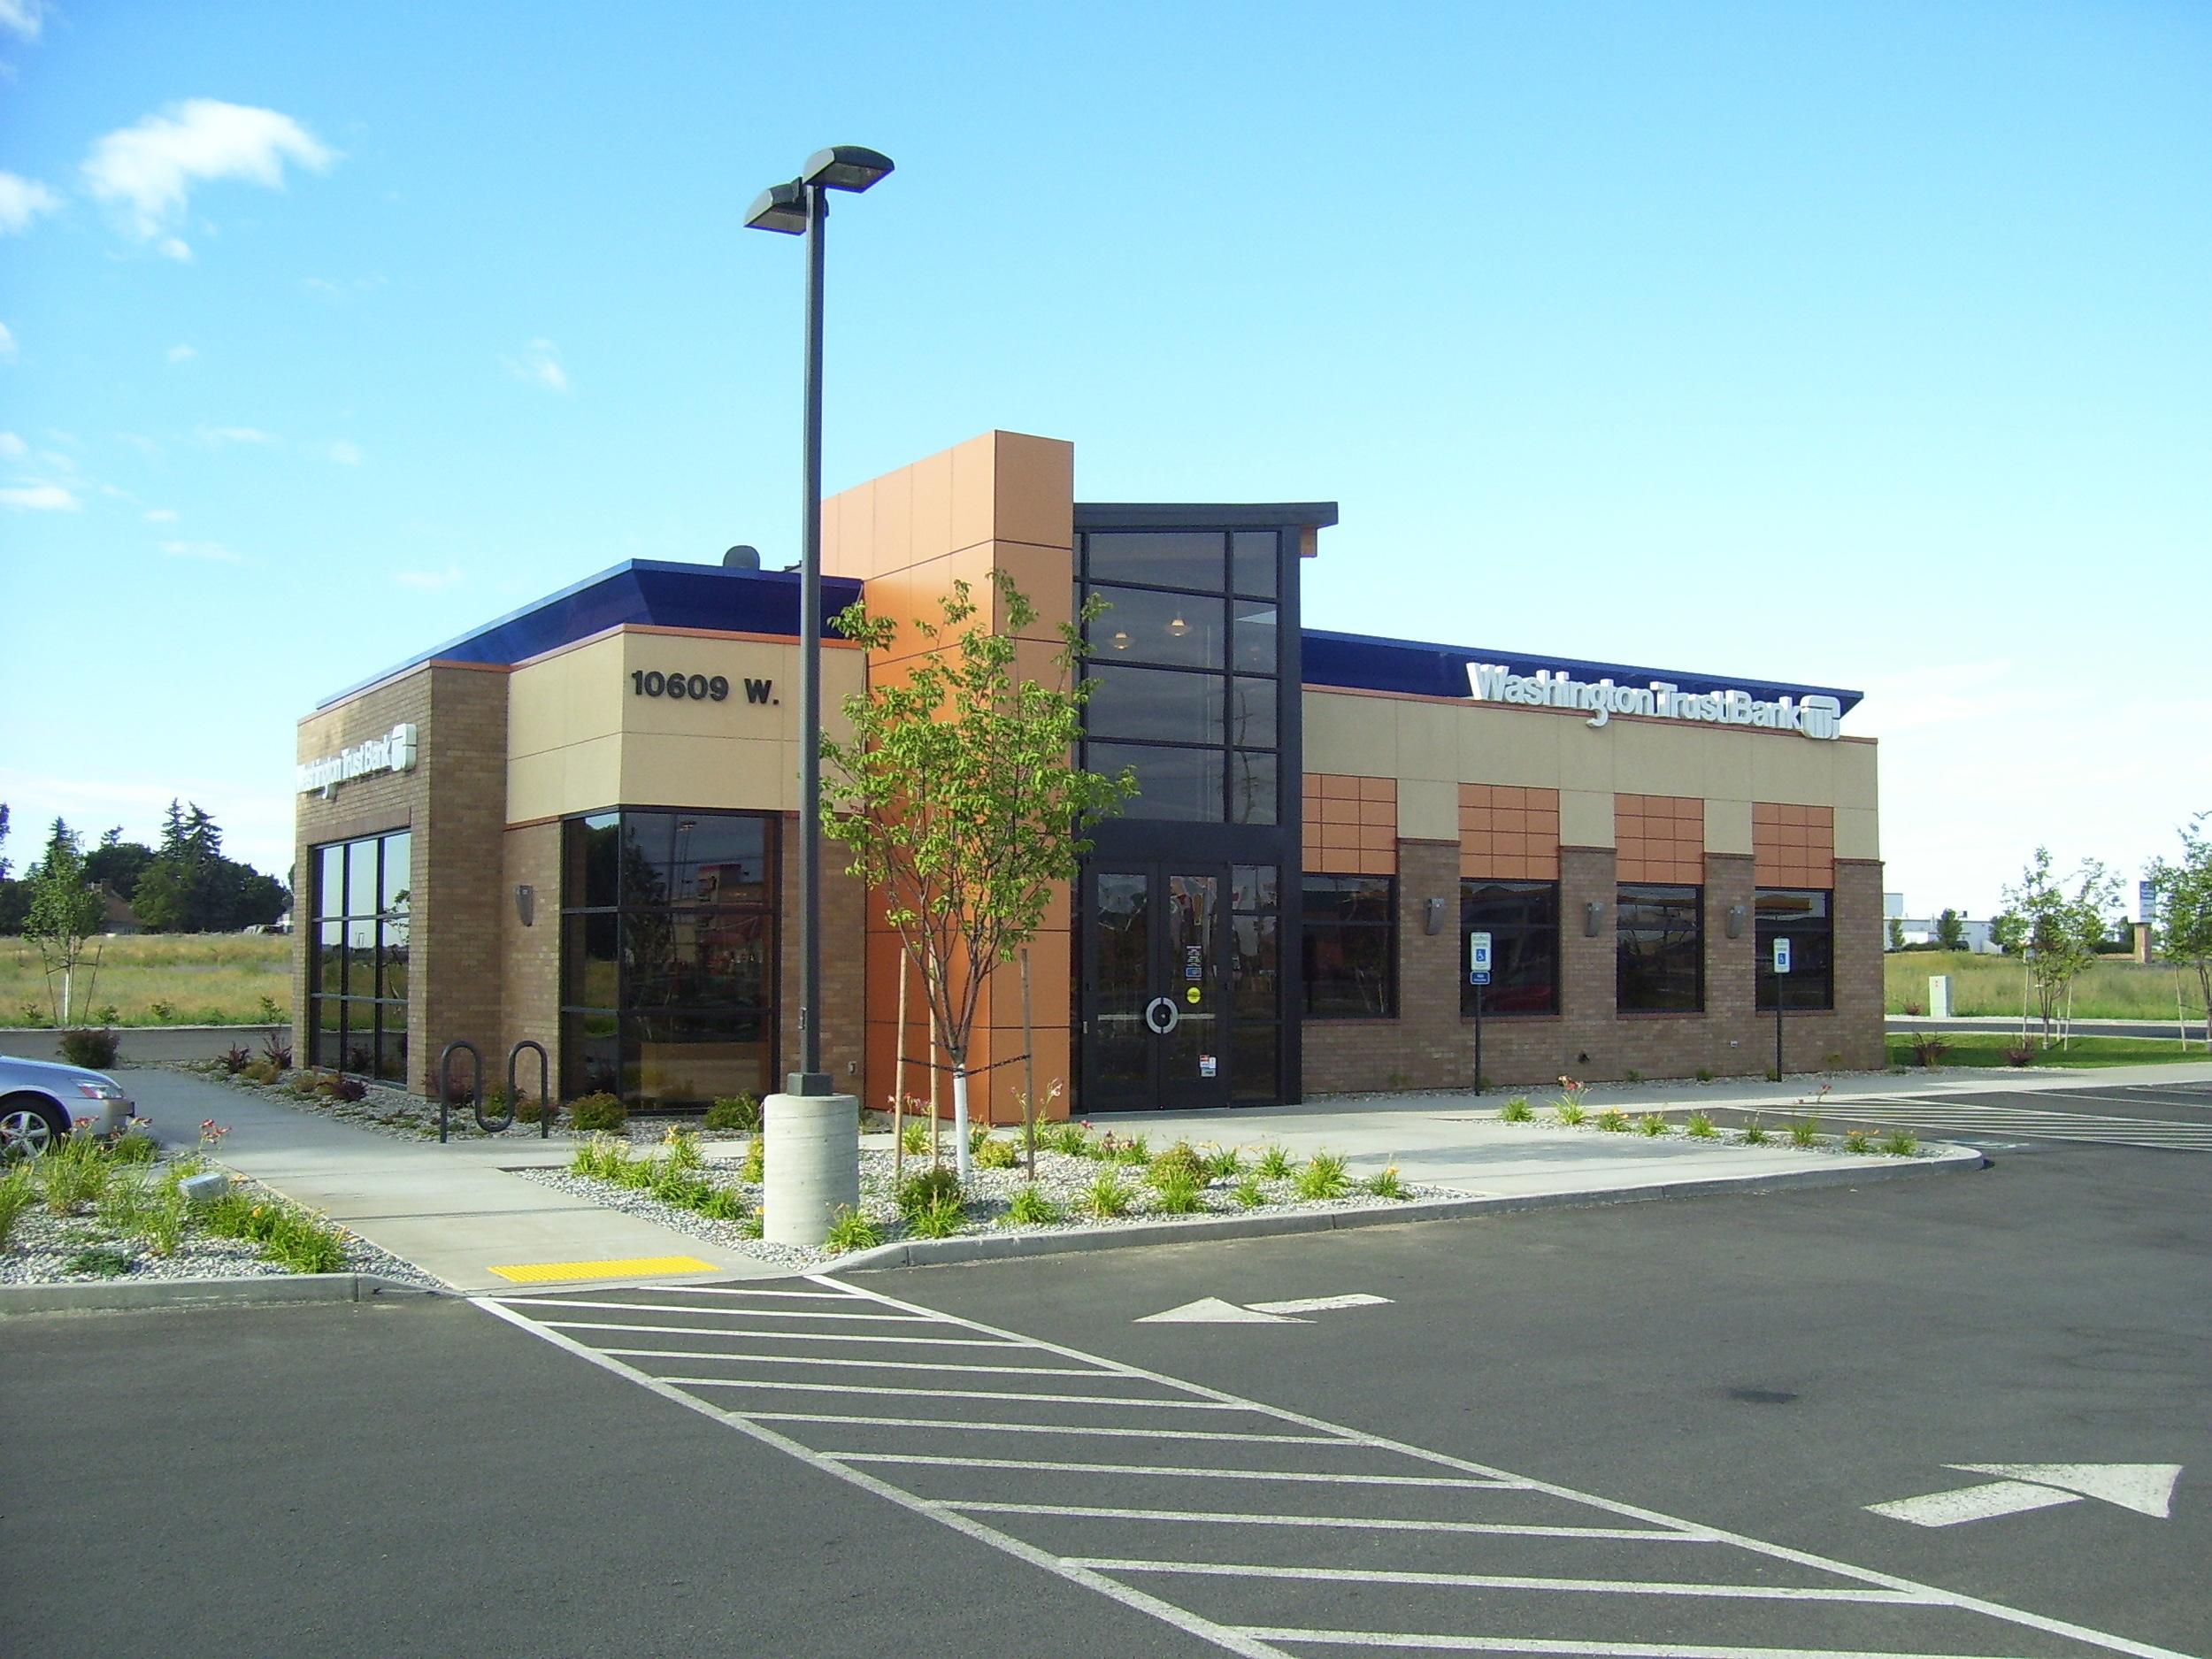 Washington Trust Bank Airway Heights